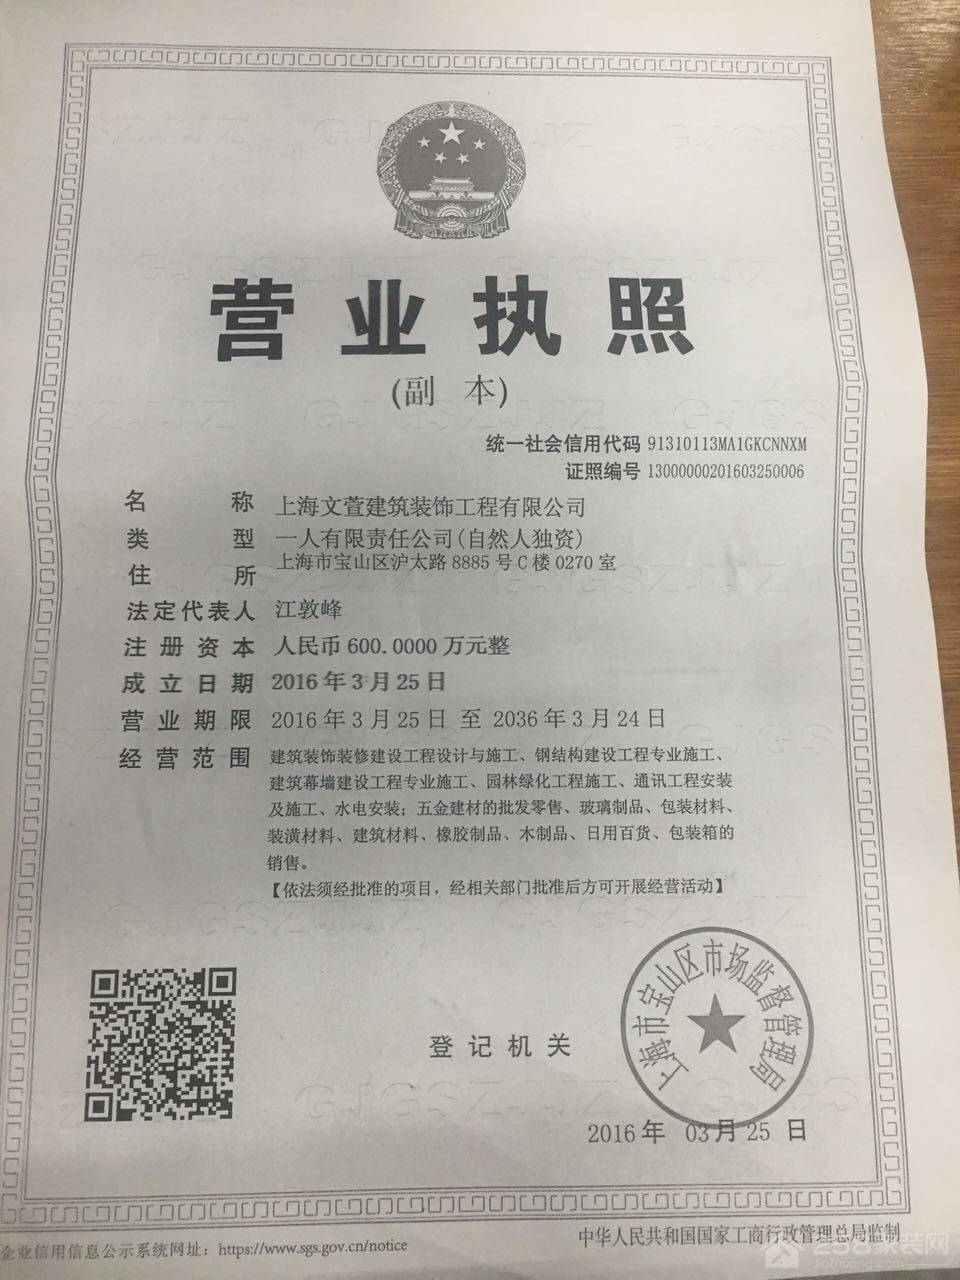 上海文萱建筑装饰工程有限公司